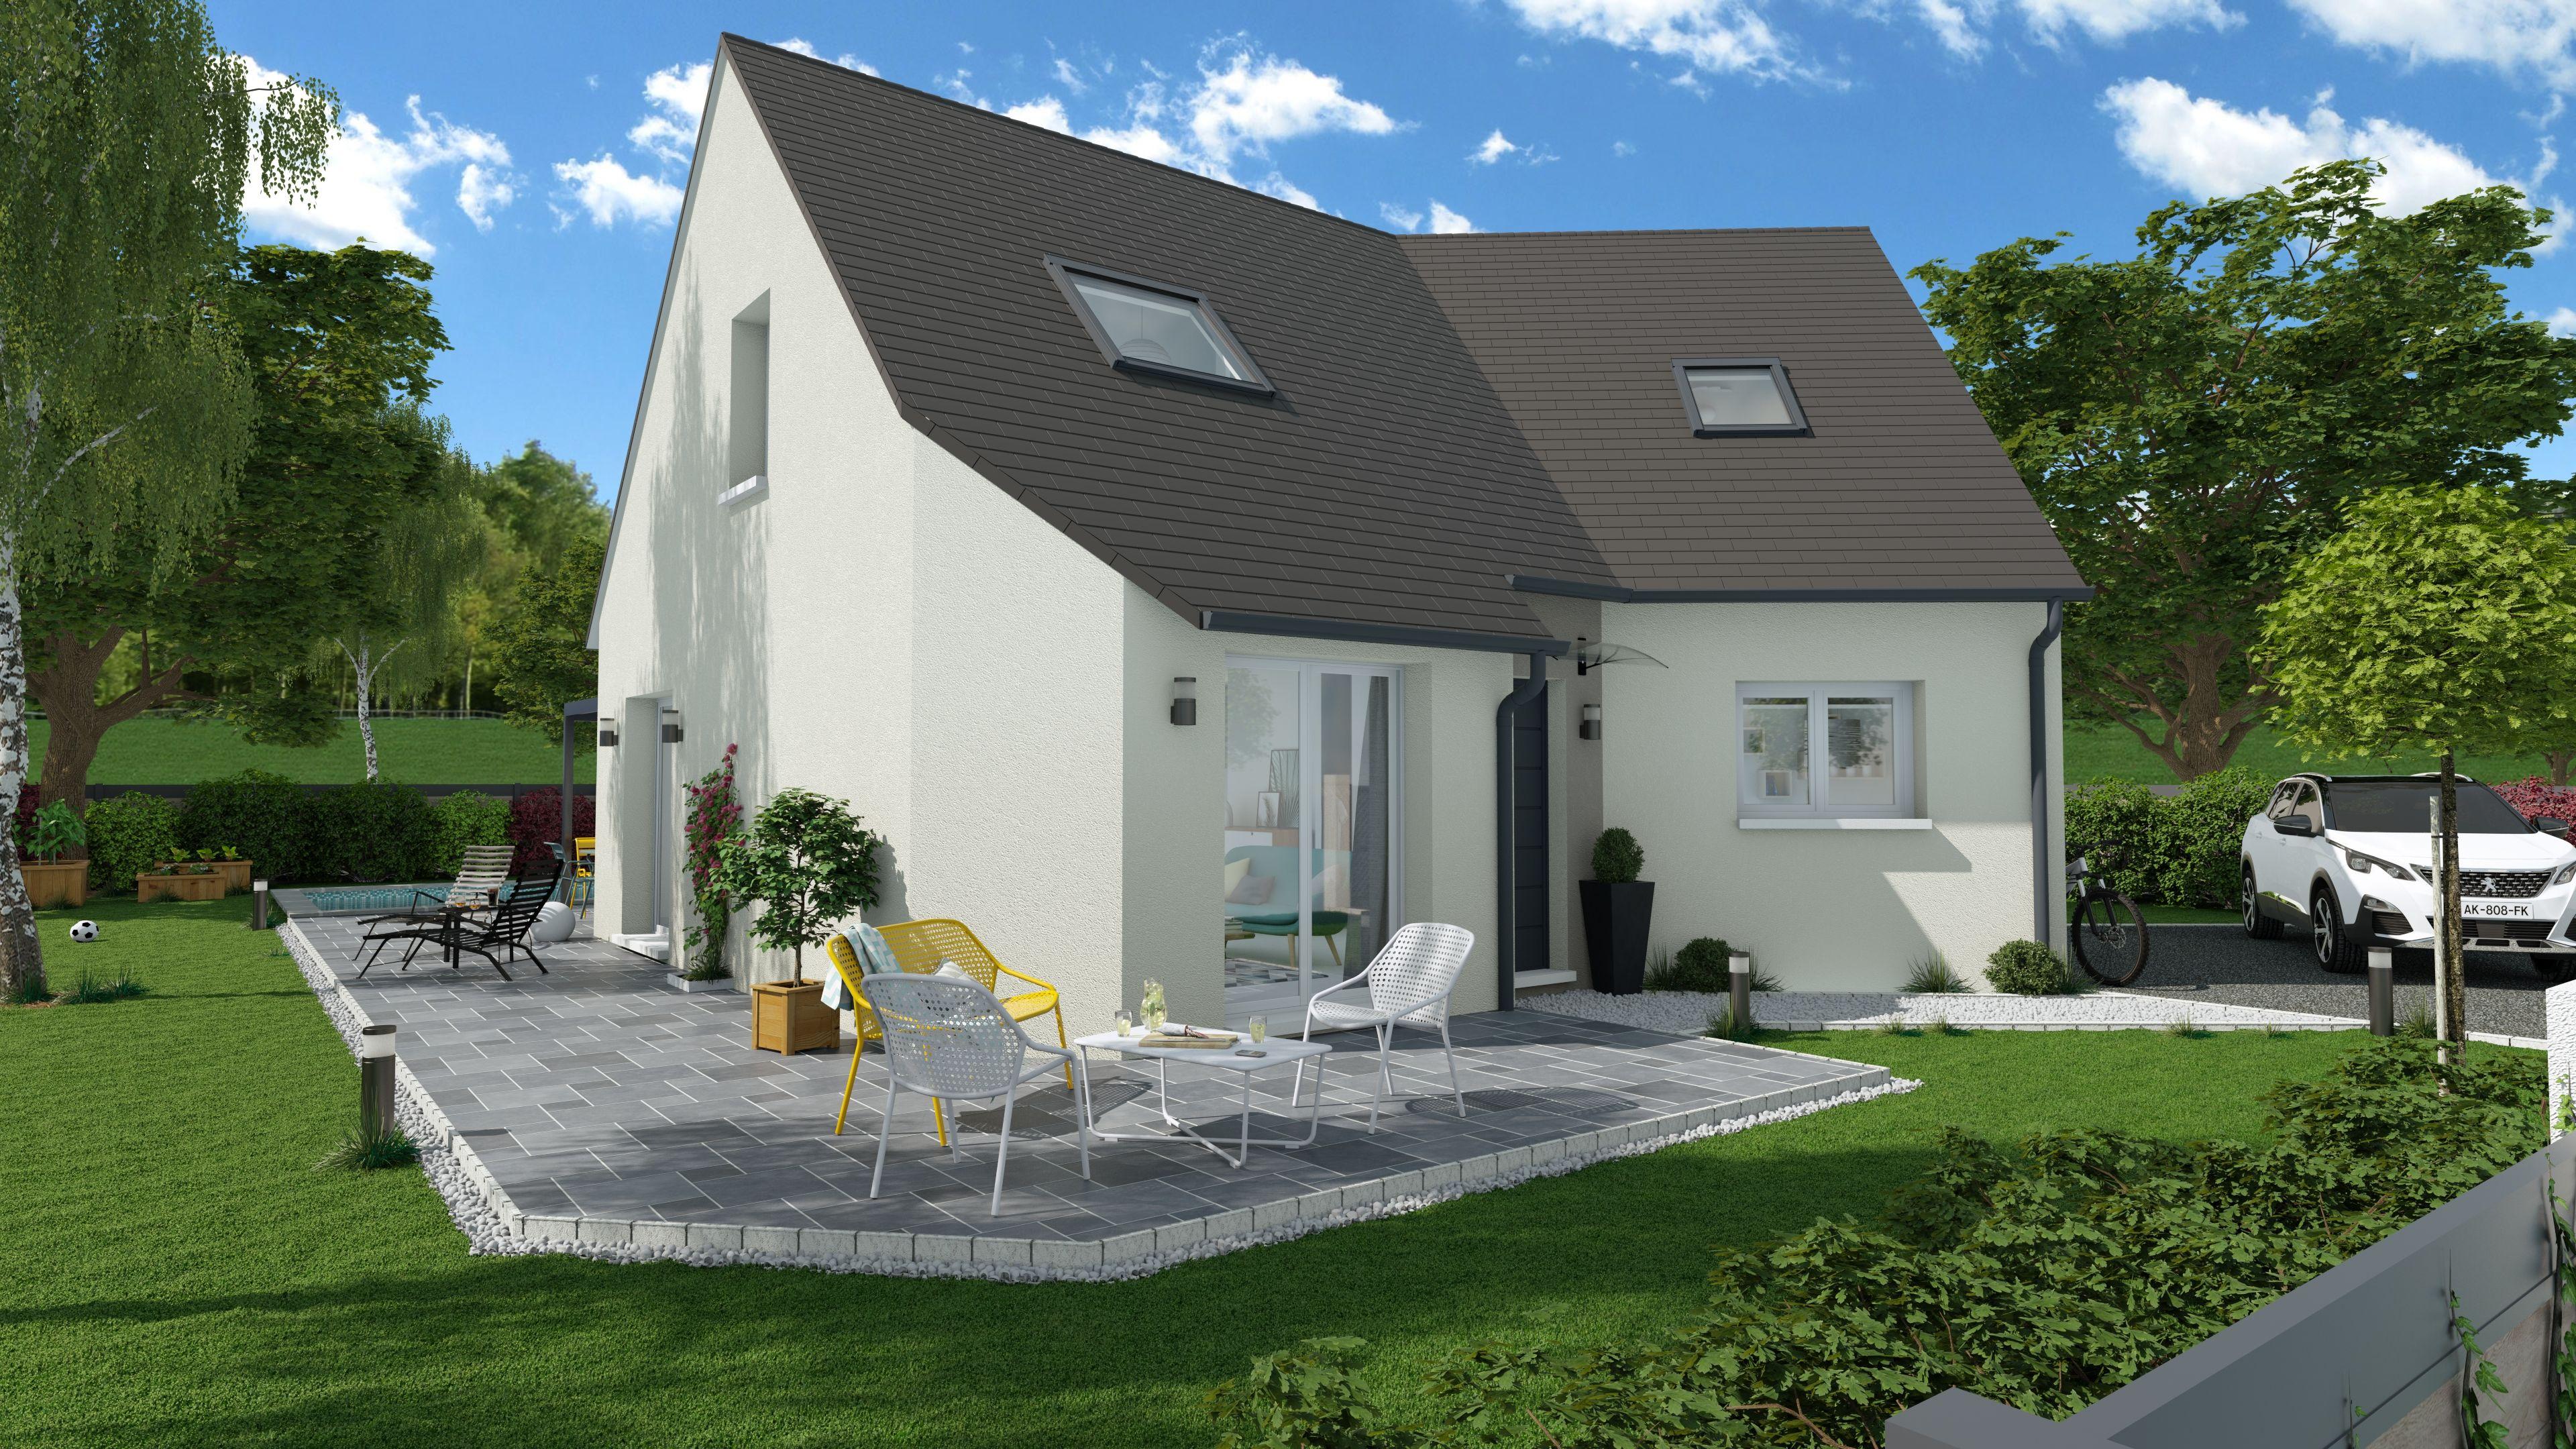 Logiciel modelisation maison avie home for Logiciel home